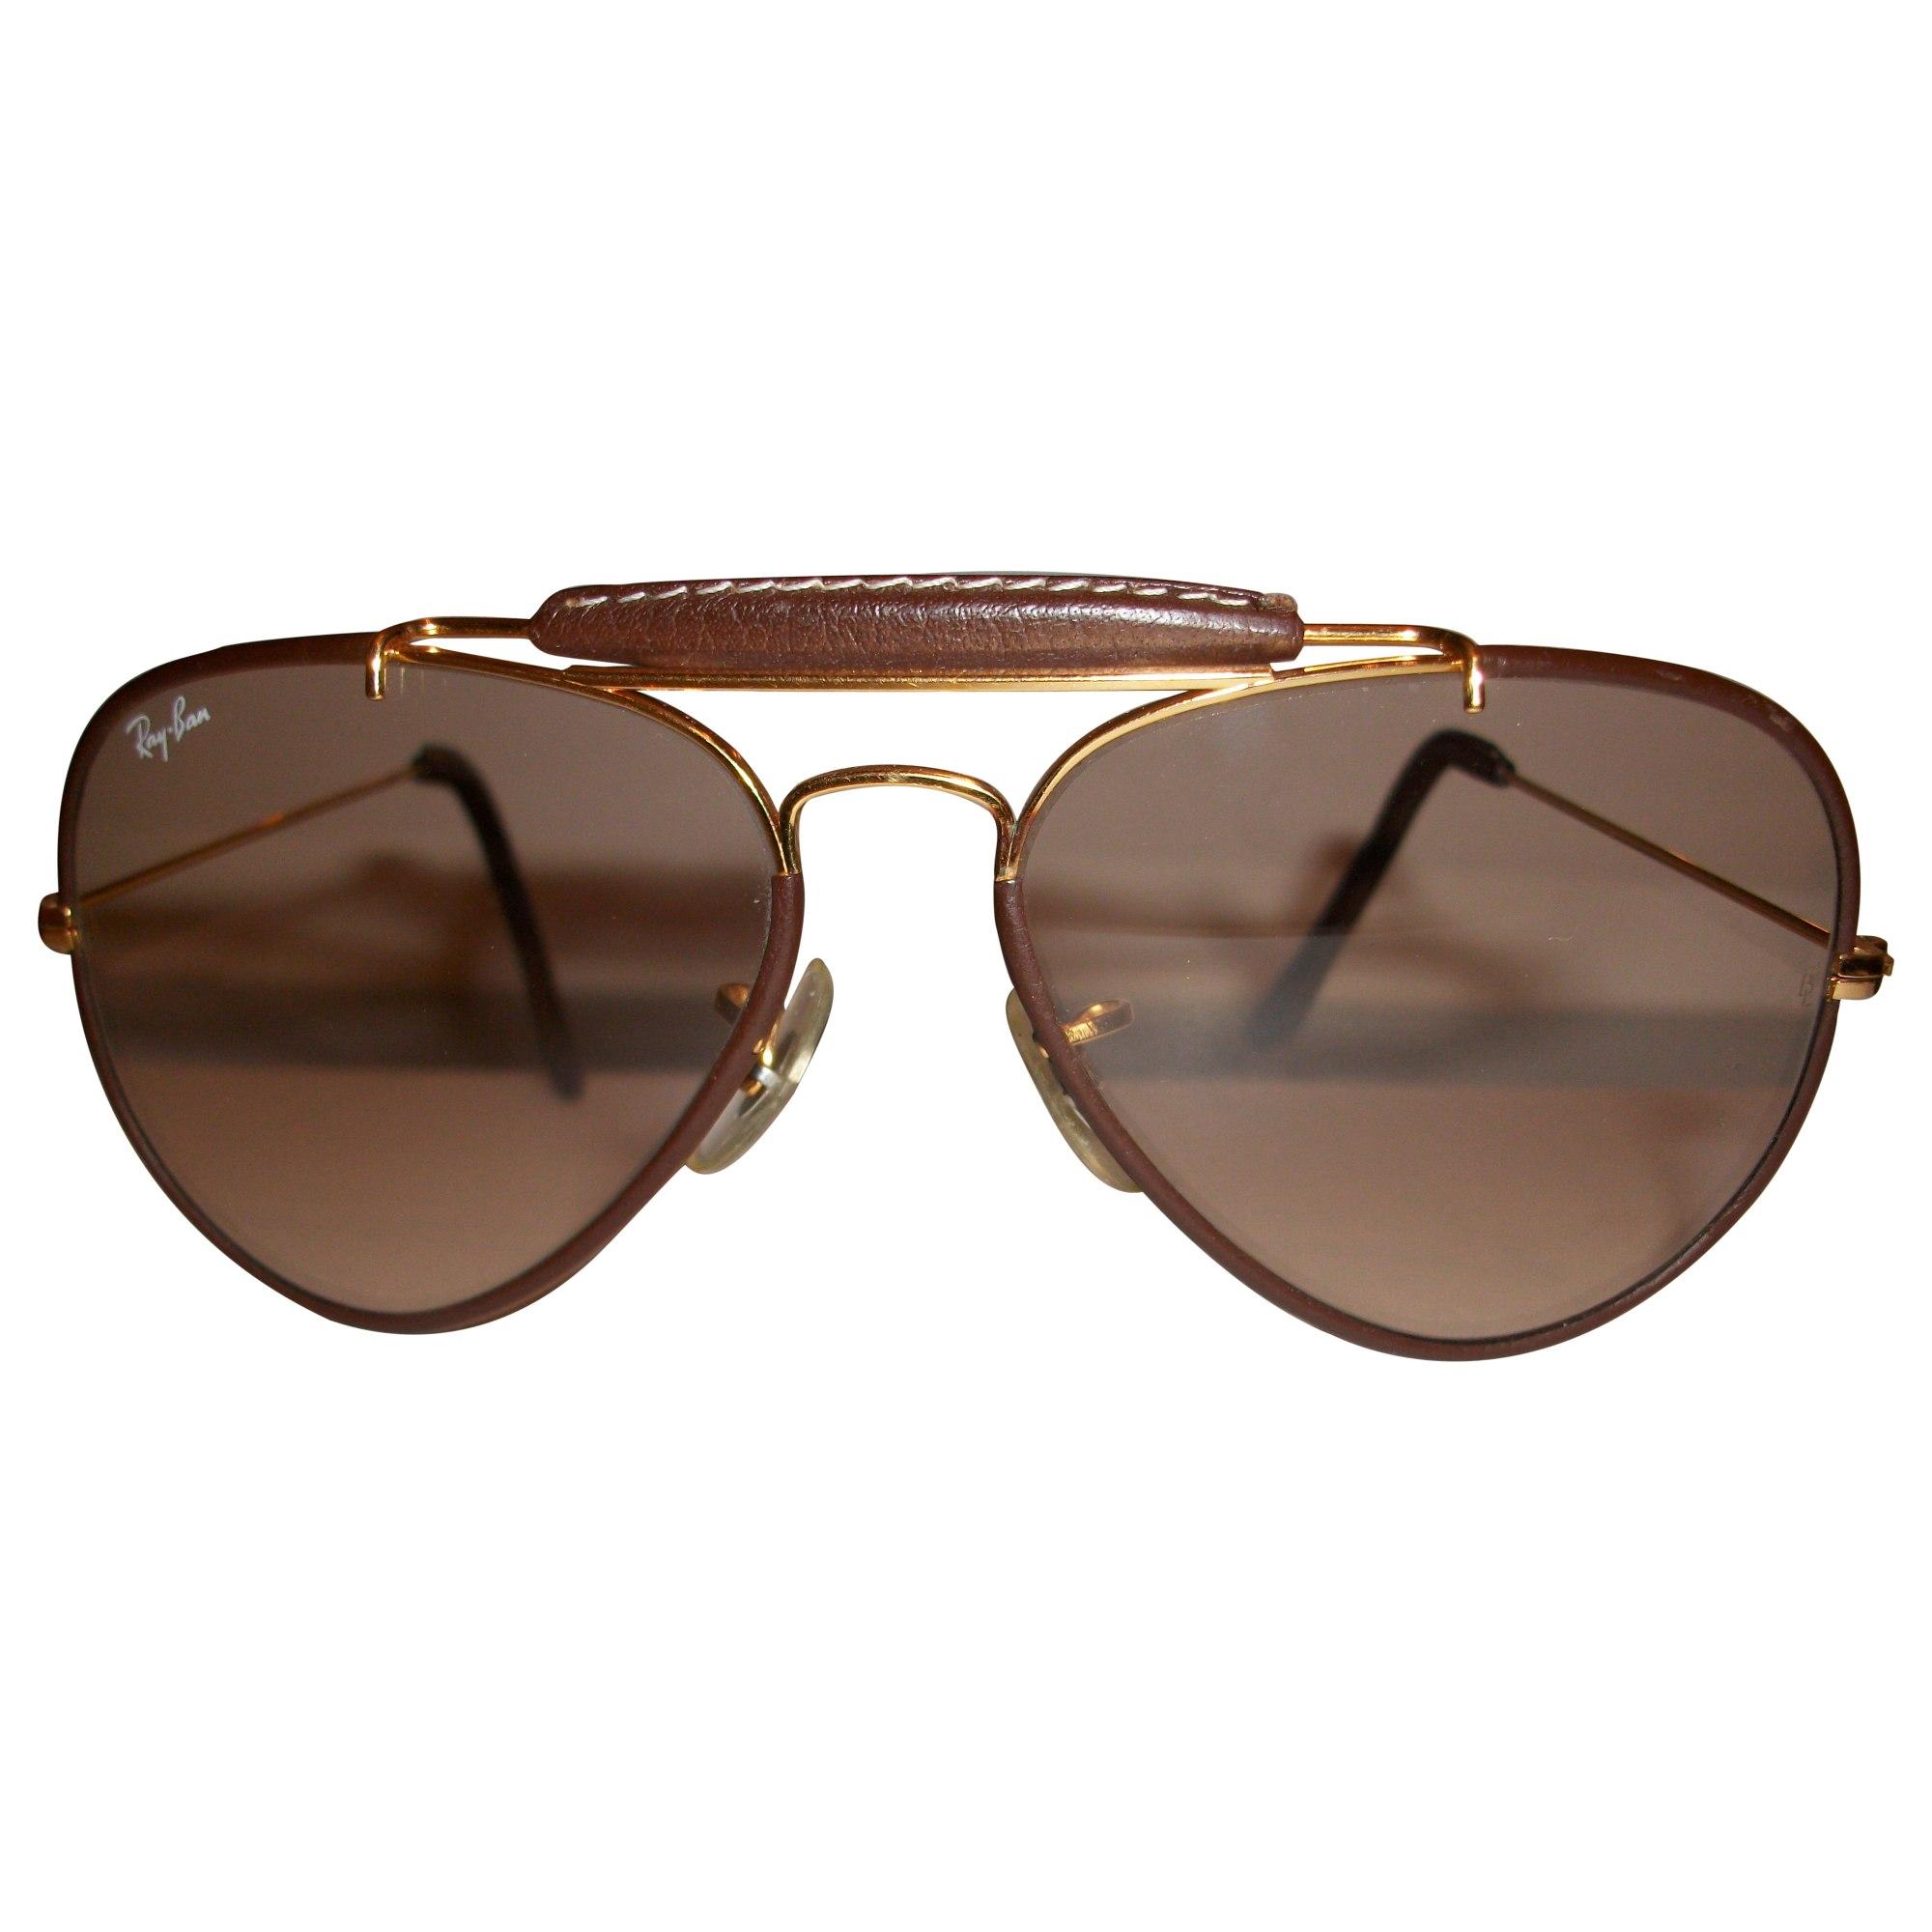 ab19669c28 Lunettes de soleil RAY-BAN marron vendu par Martine 60304045 - 1982220